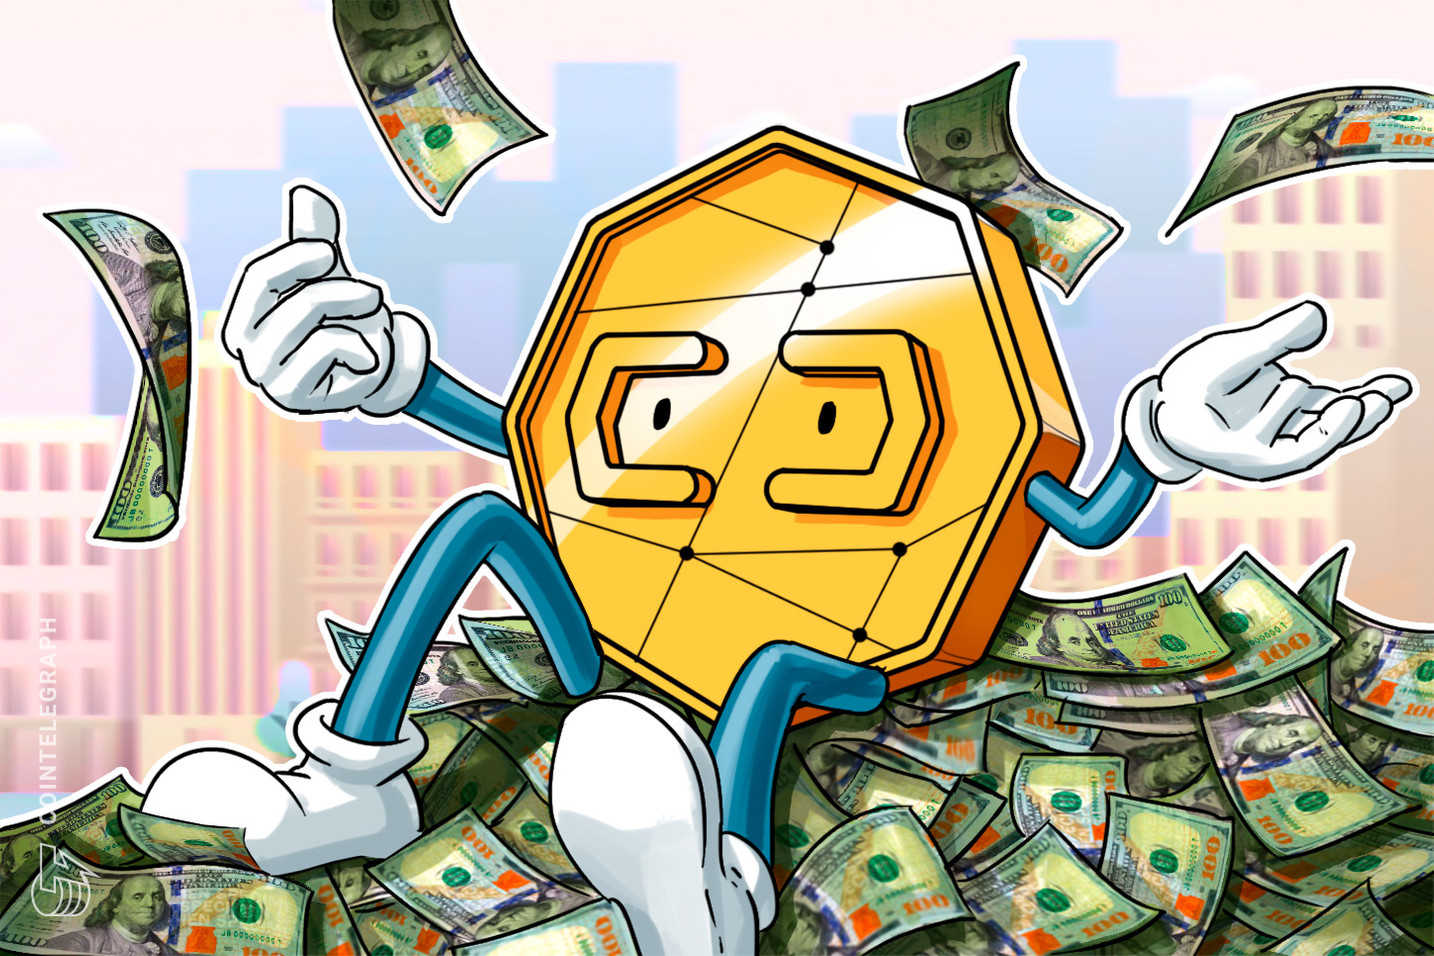 FTX bate recorde de financiamento de criptografia com aumento de US $ 900 milhões para se tornar decaço de câmbio